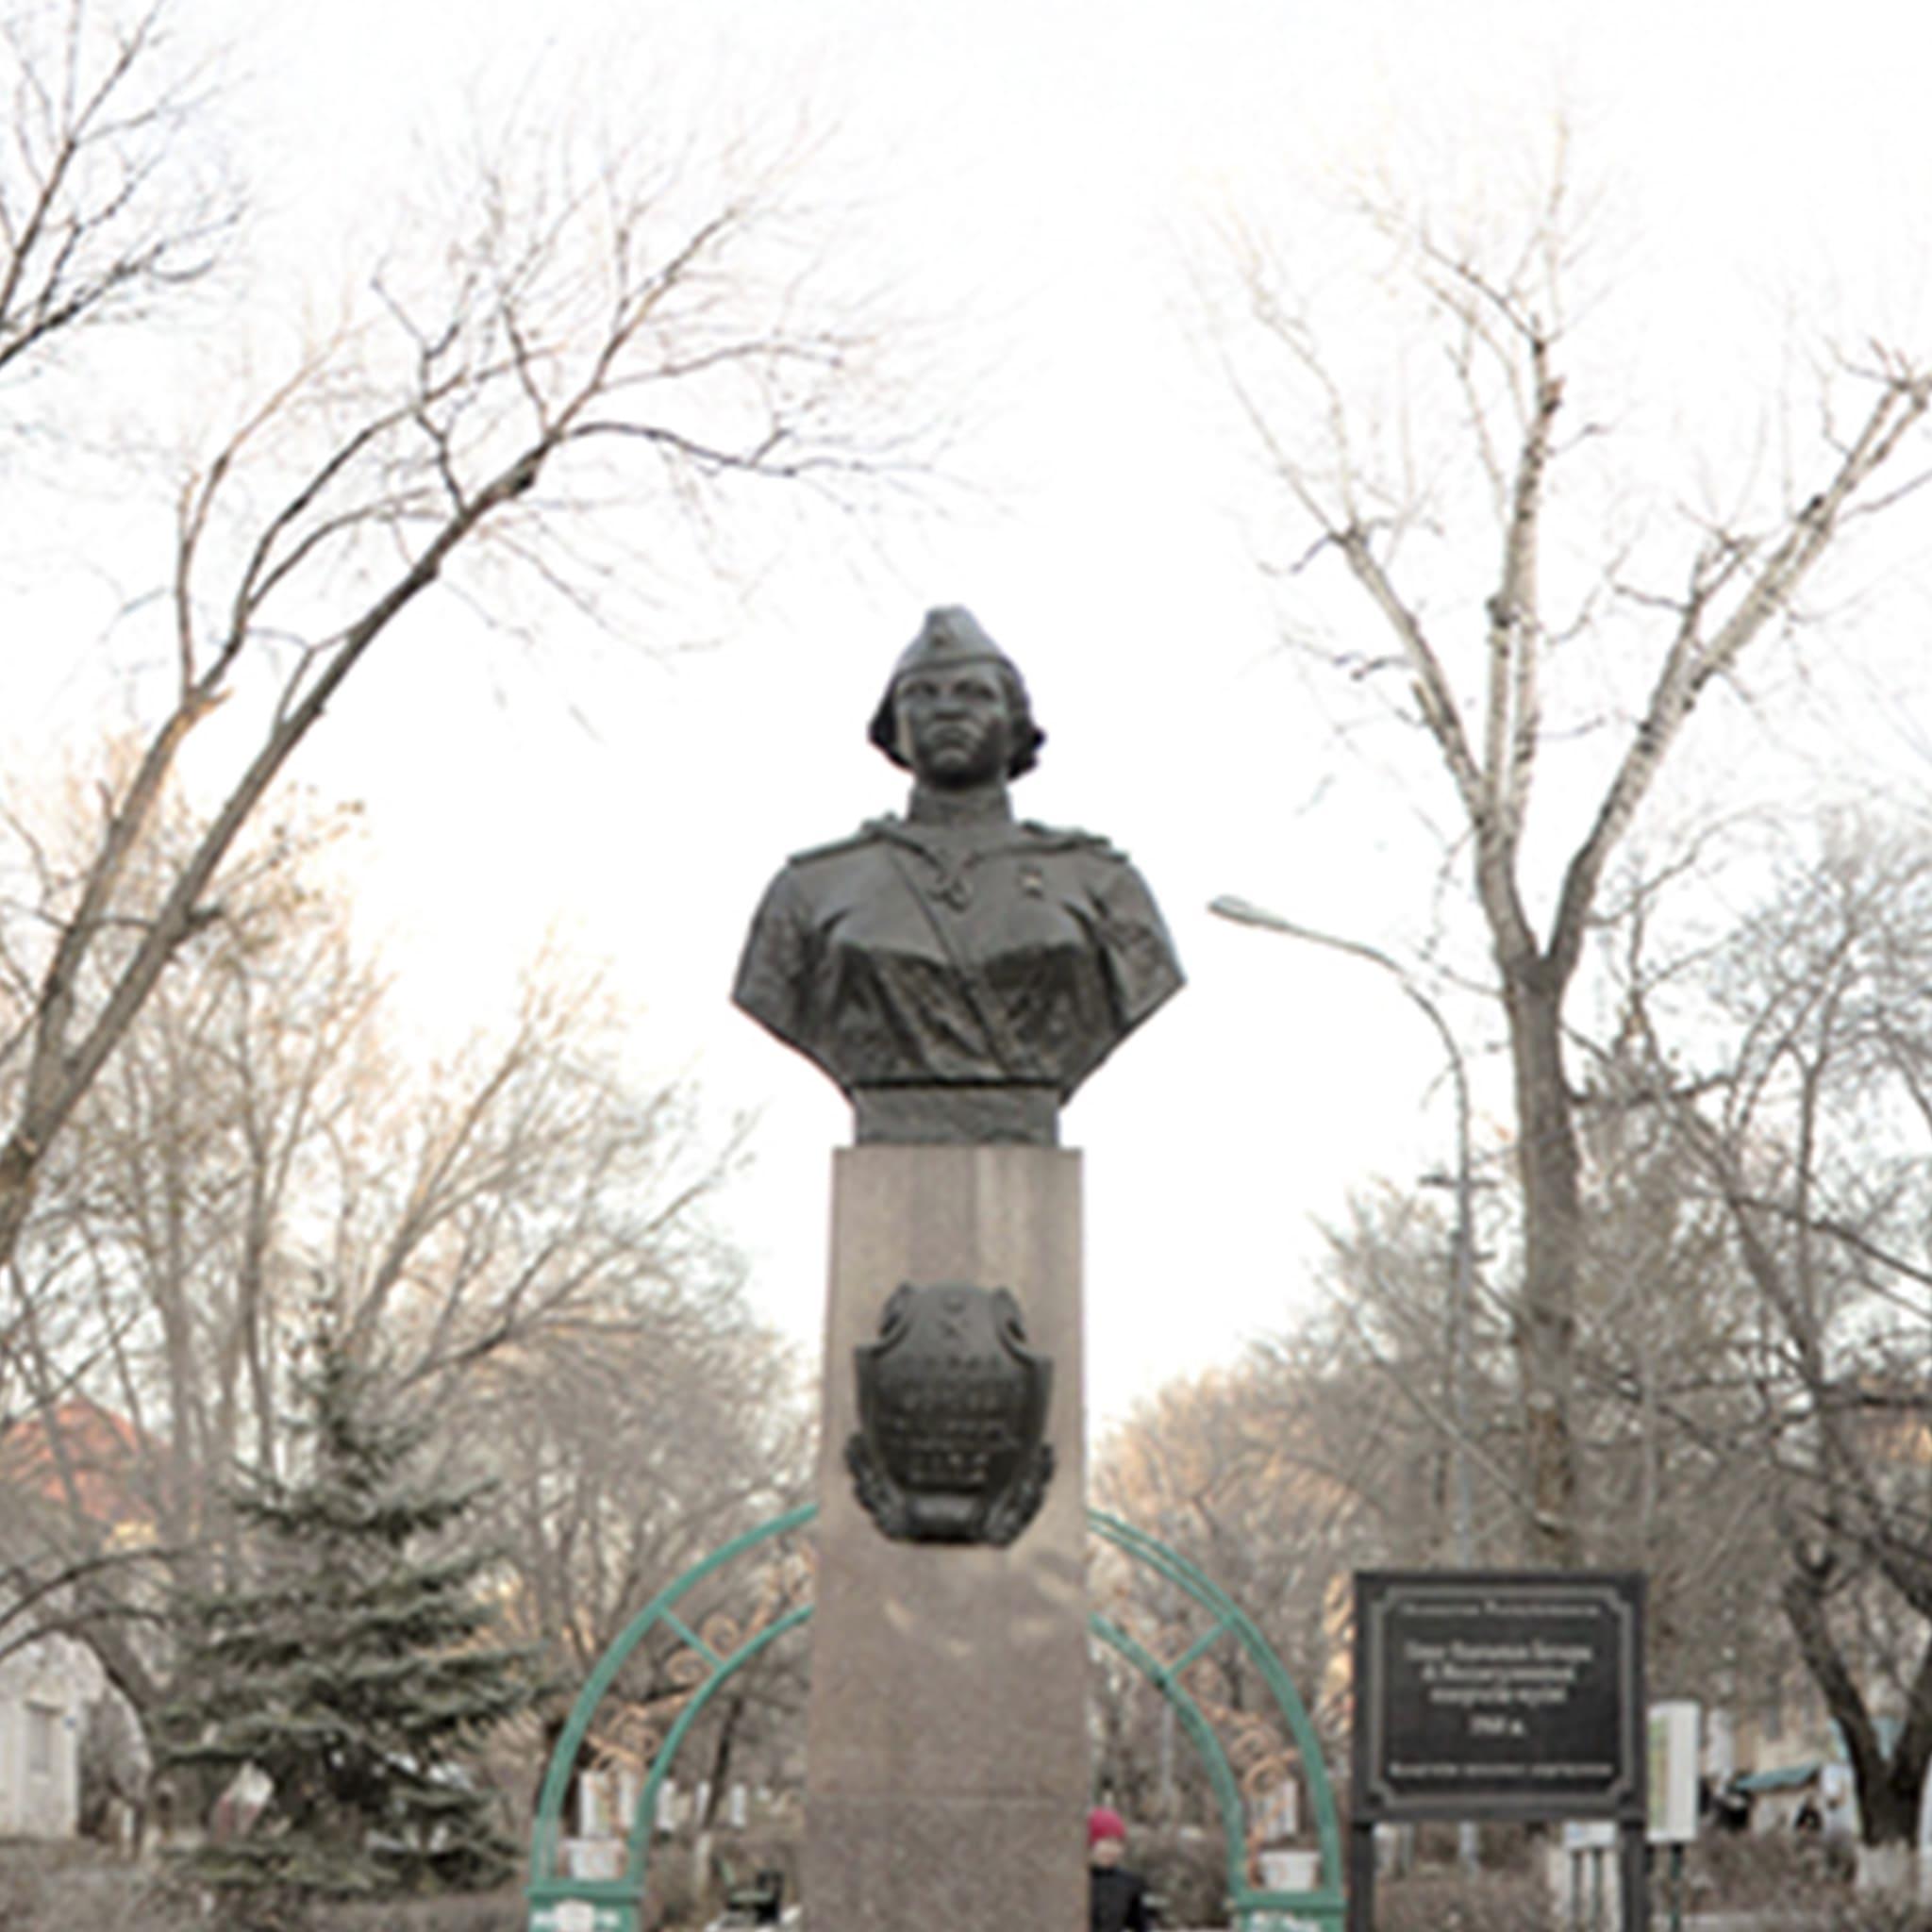 Памятник-бюст Героя Советского Союза А.Молдагуловой